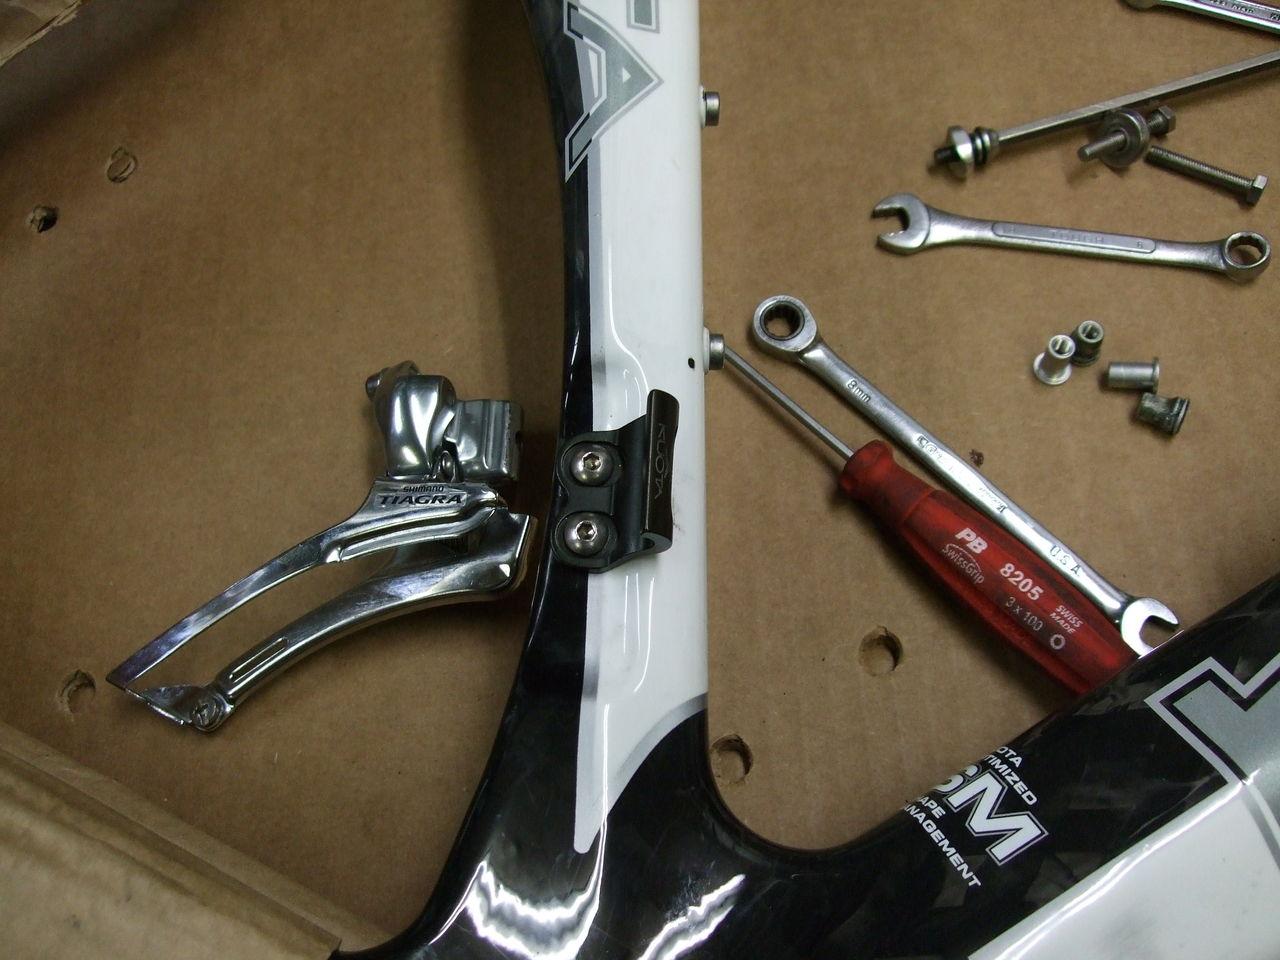 自転車の 自転車 アルミフレーム 修理 : Crafthouse:自転車フレーム修理 ...